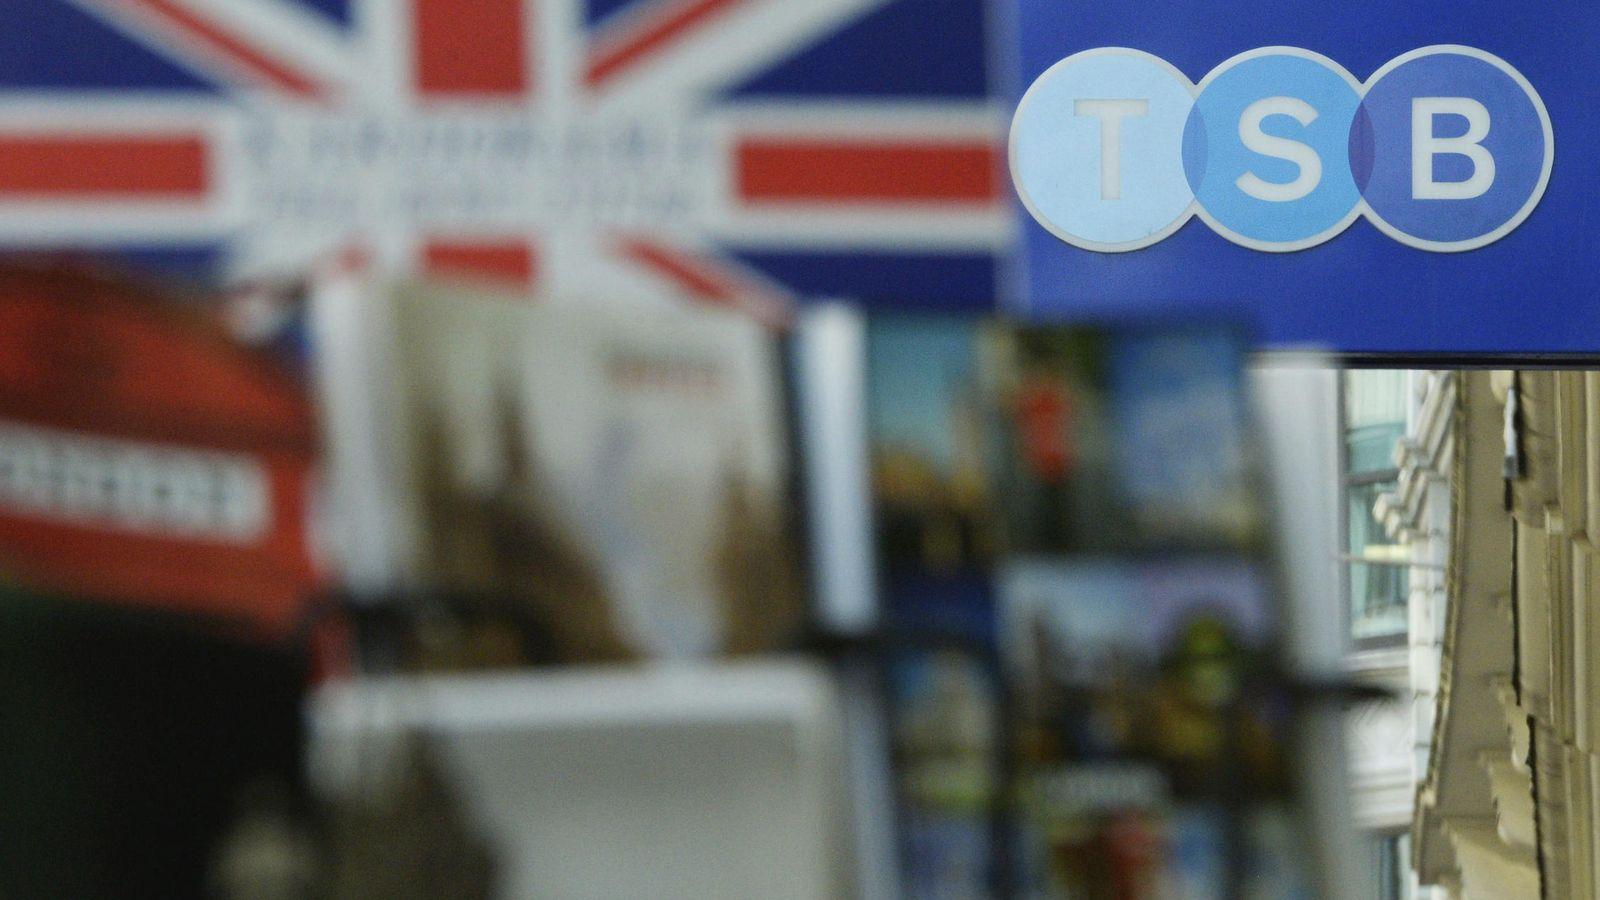 Foto: Vista del rótulo de una sucursal del banco británico TSB en Londres. (EFE)